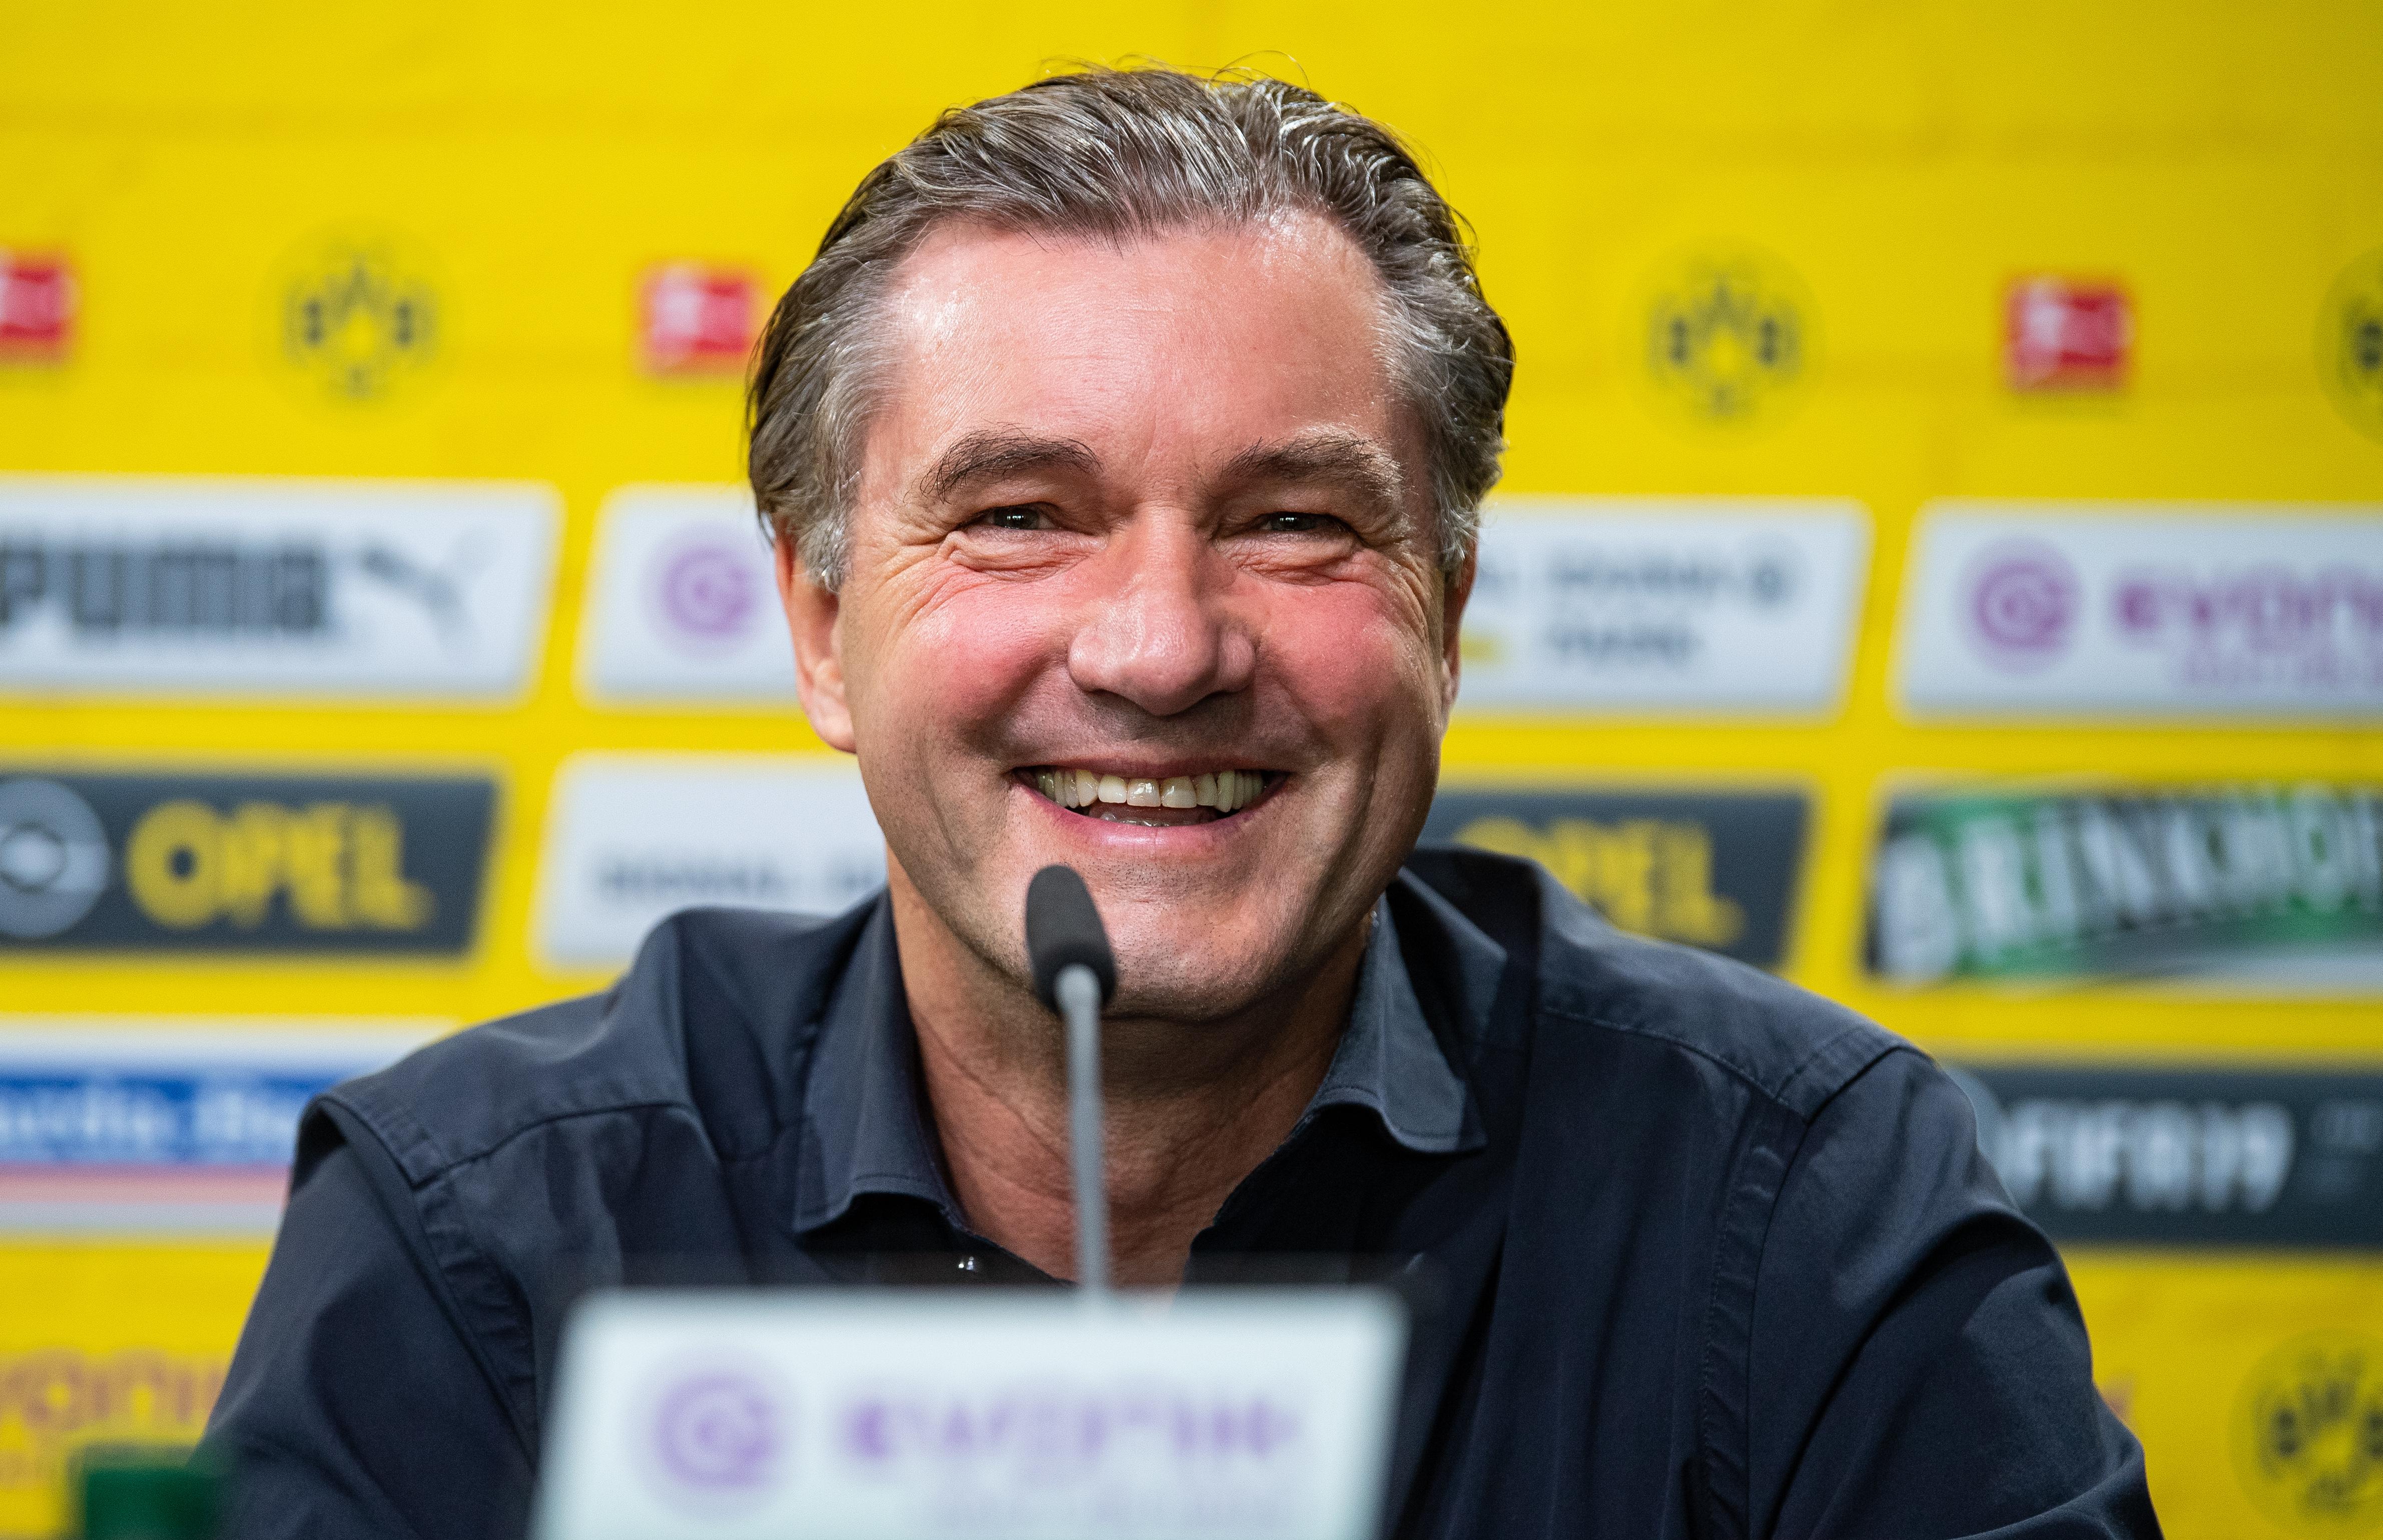 Präsentiert Michael Zorc bald den nächsten Top-Transfer beim BVB?